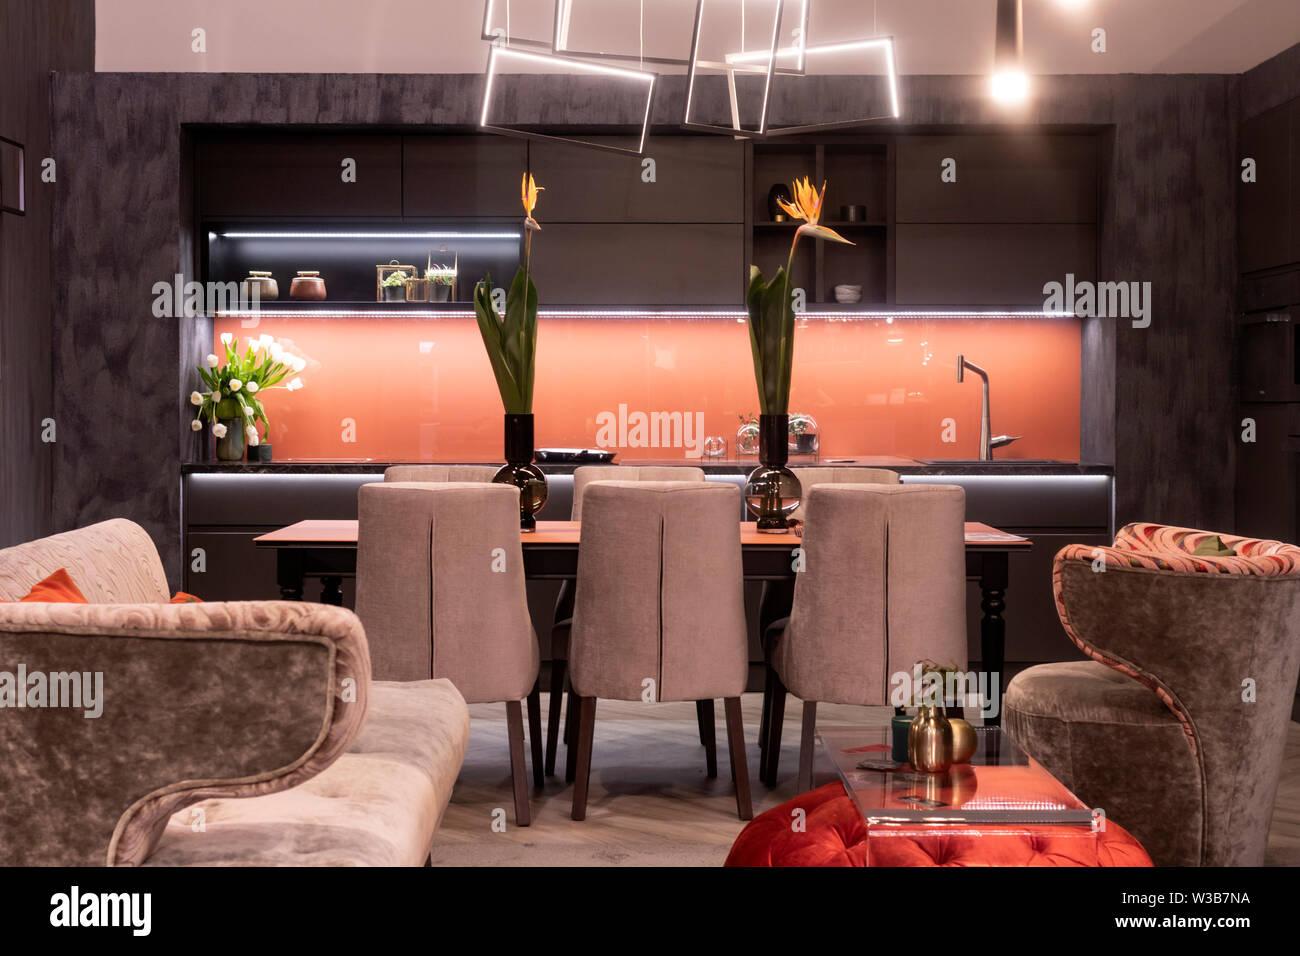 Eine Moderne Exklusive Esszimmer Mit Tisch Stuhlen Kuche Dekoration Im Vordergrund Zwei Sesseln Und Einem Kleinen Tisch Stockfotografie Alamy